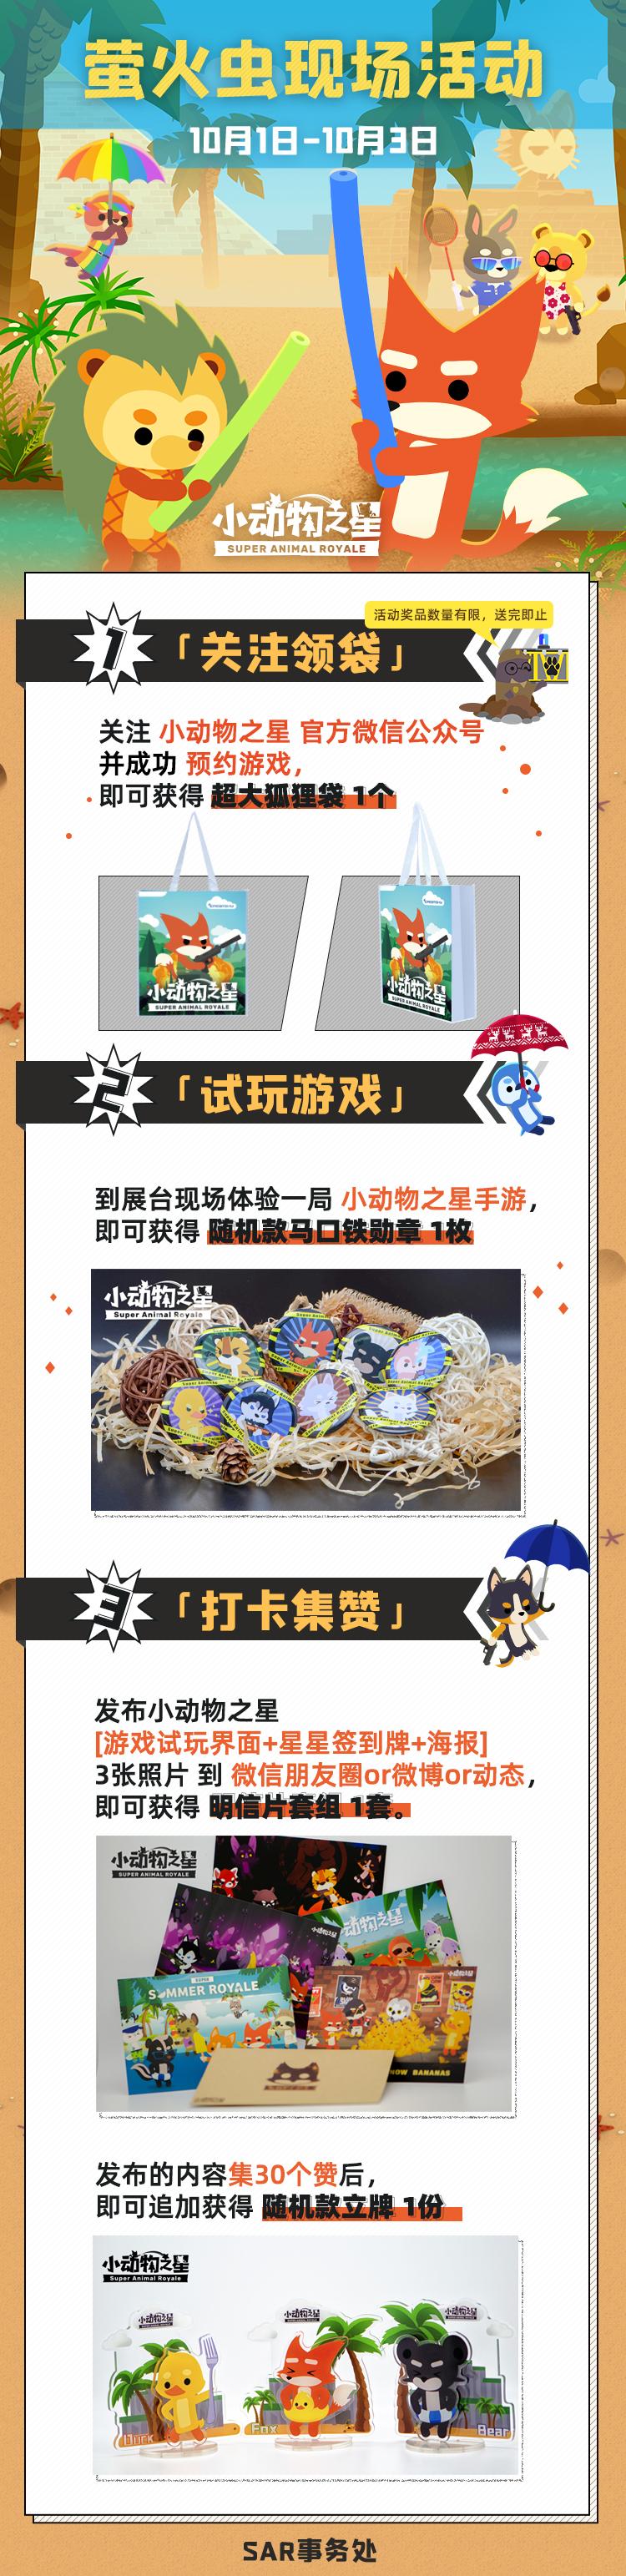 上海萤火虫-长图.jpg